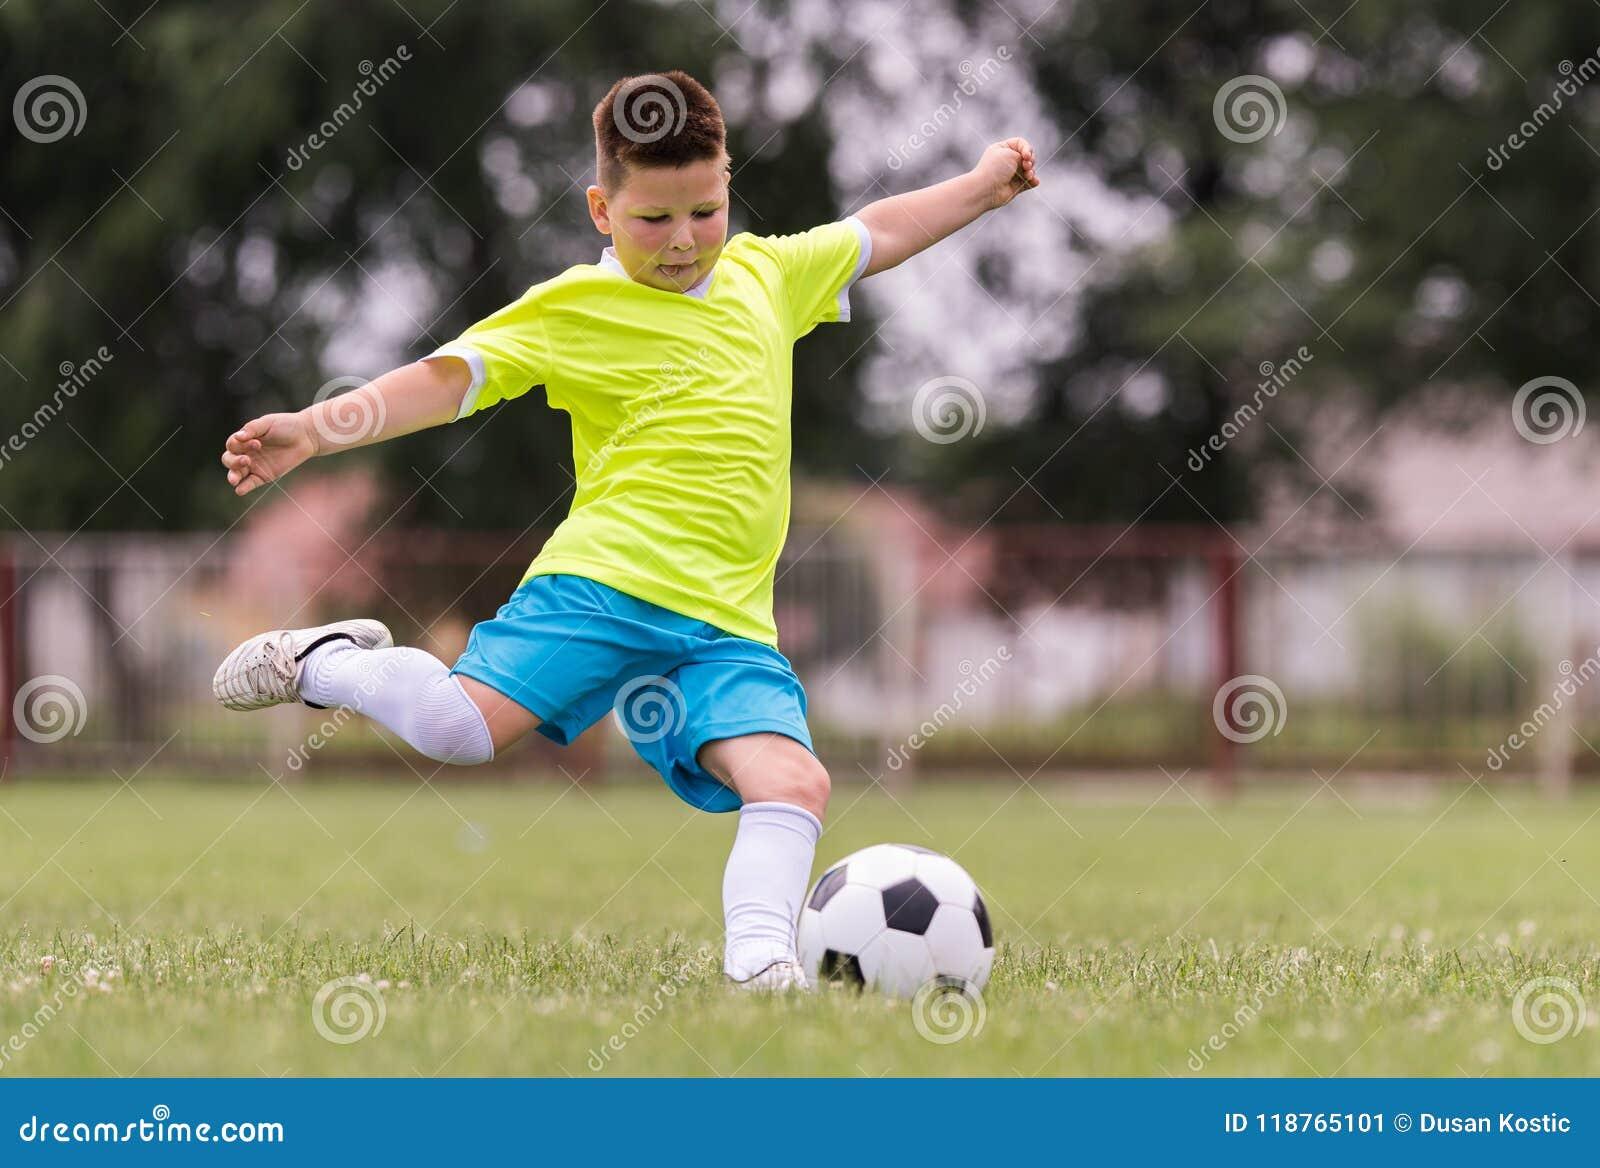 Le football de coup de pied de garçon sur le champ de sports